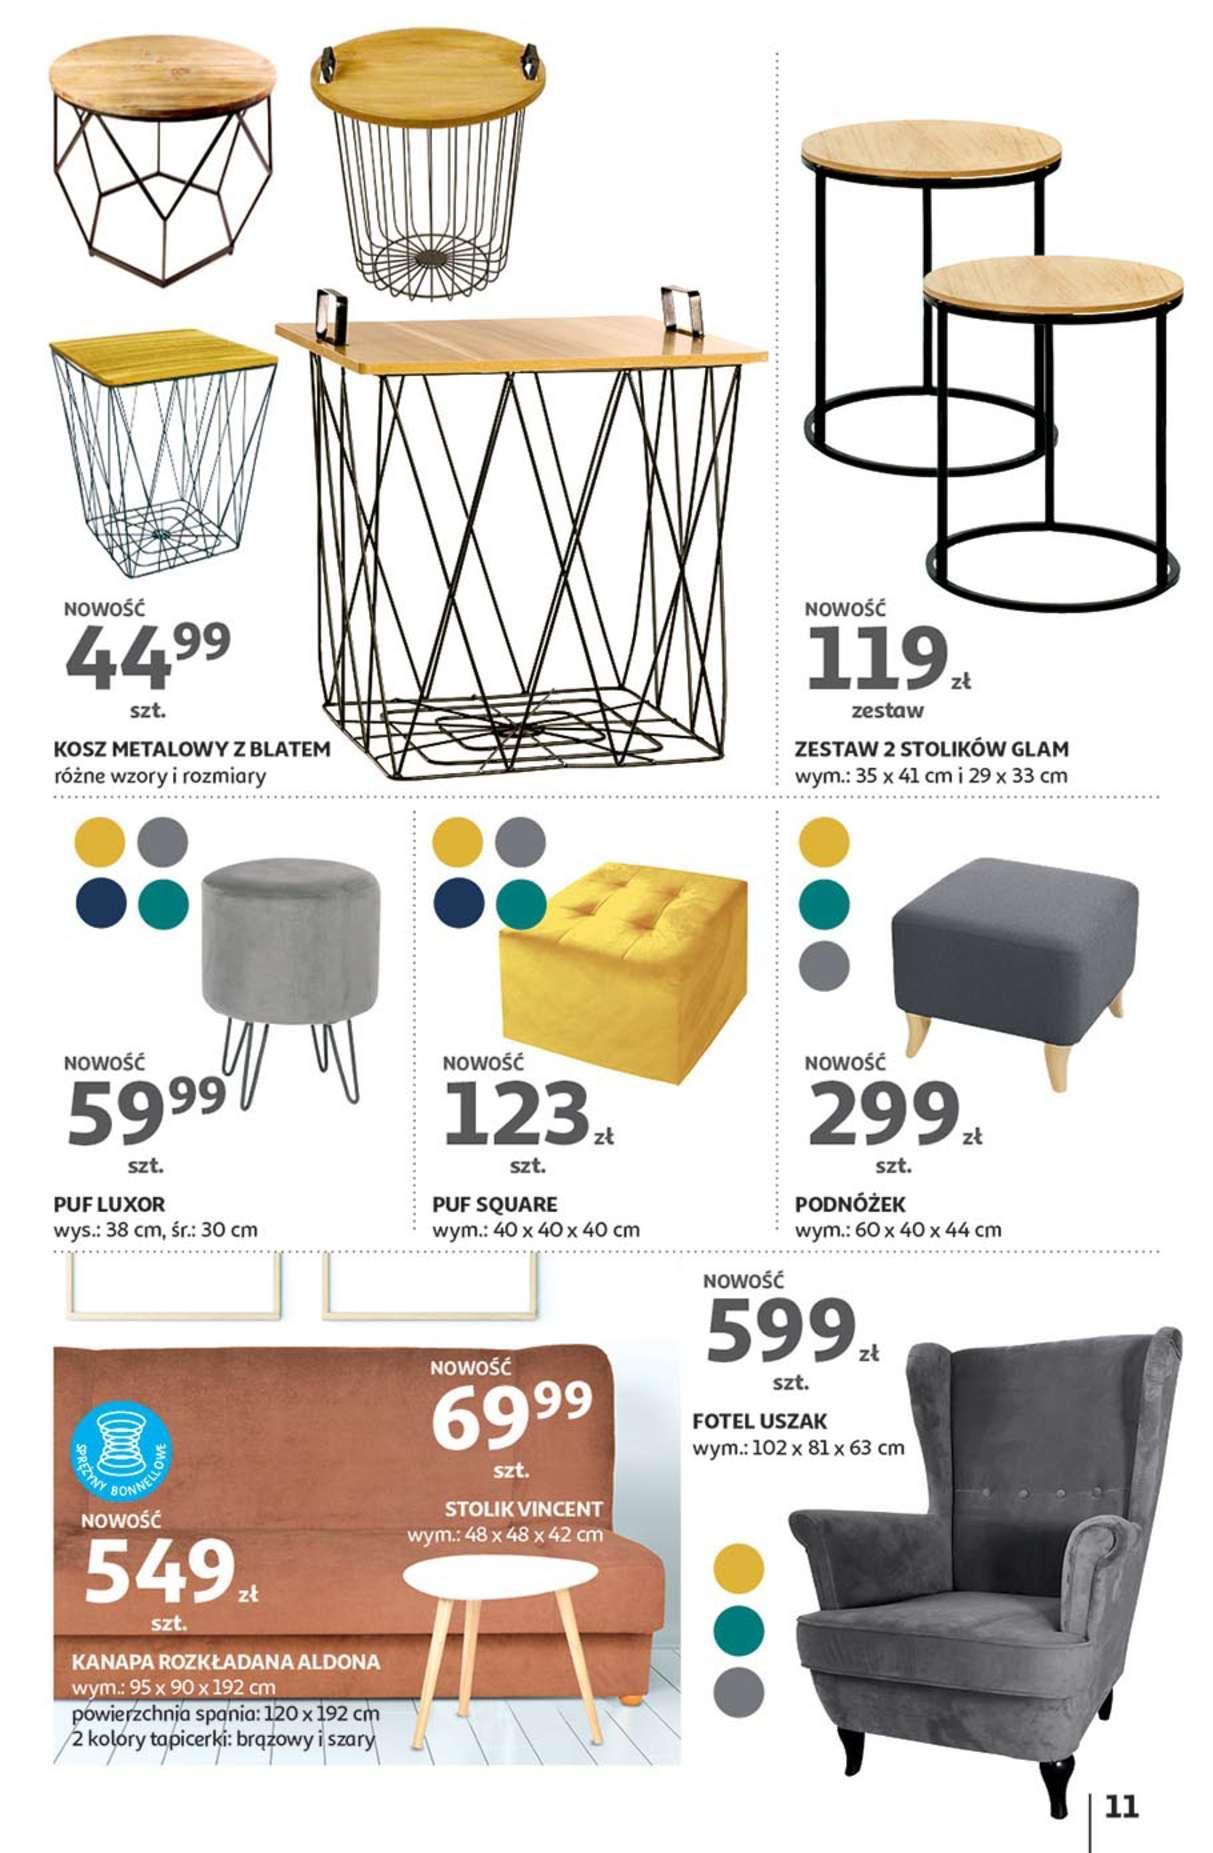 Gazetka promocyjna Auchan do 23/01/2019 str.11